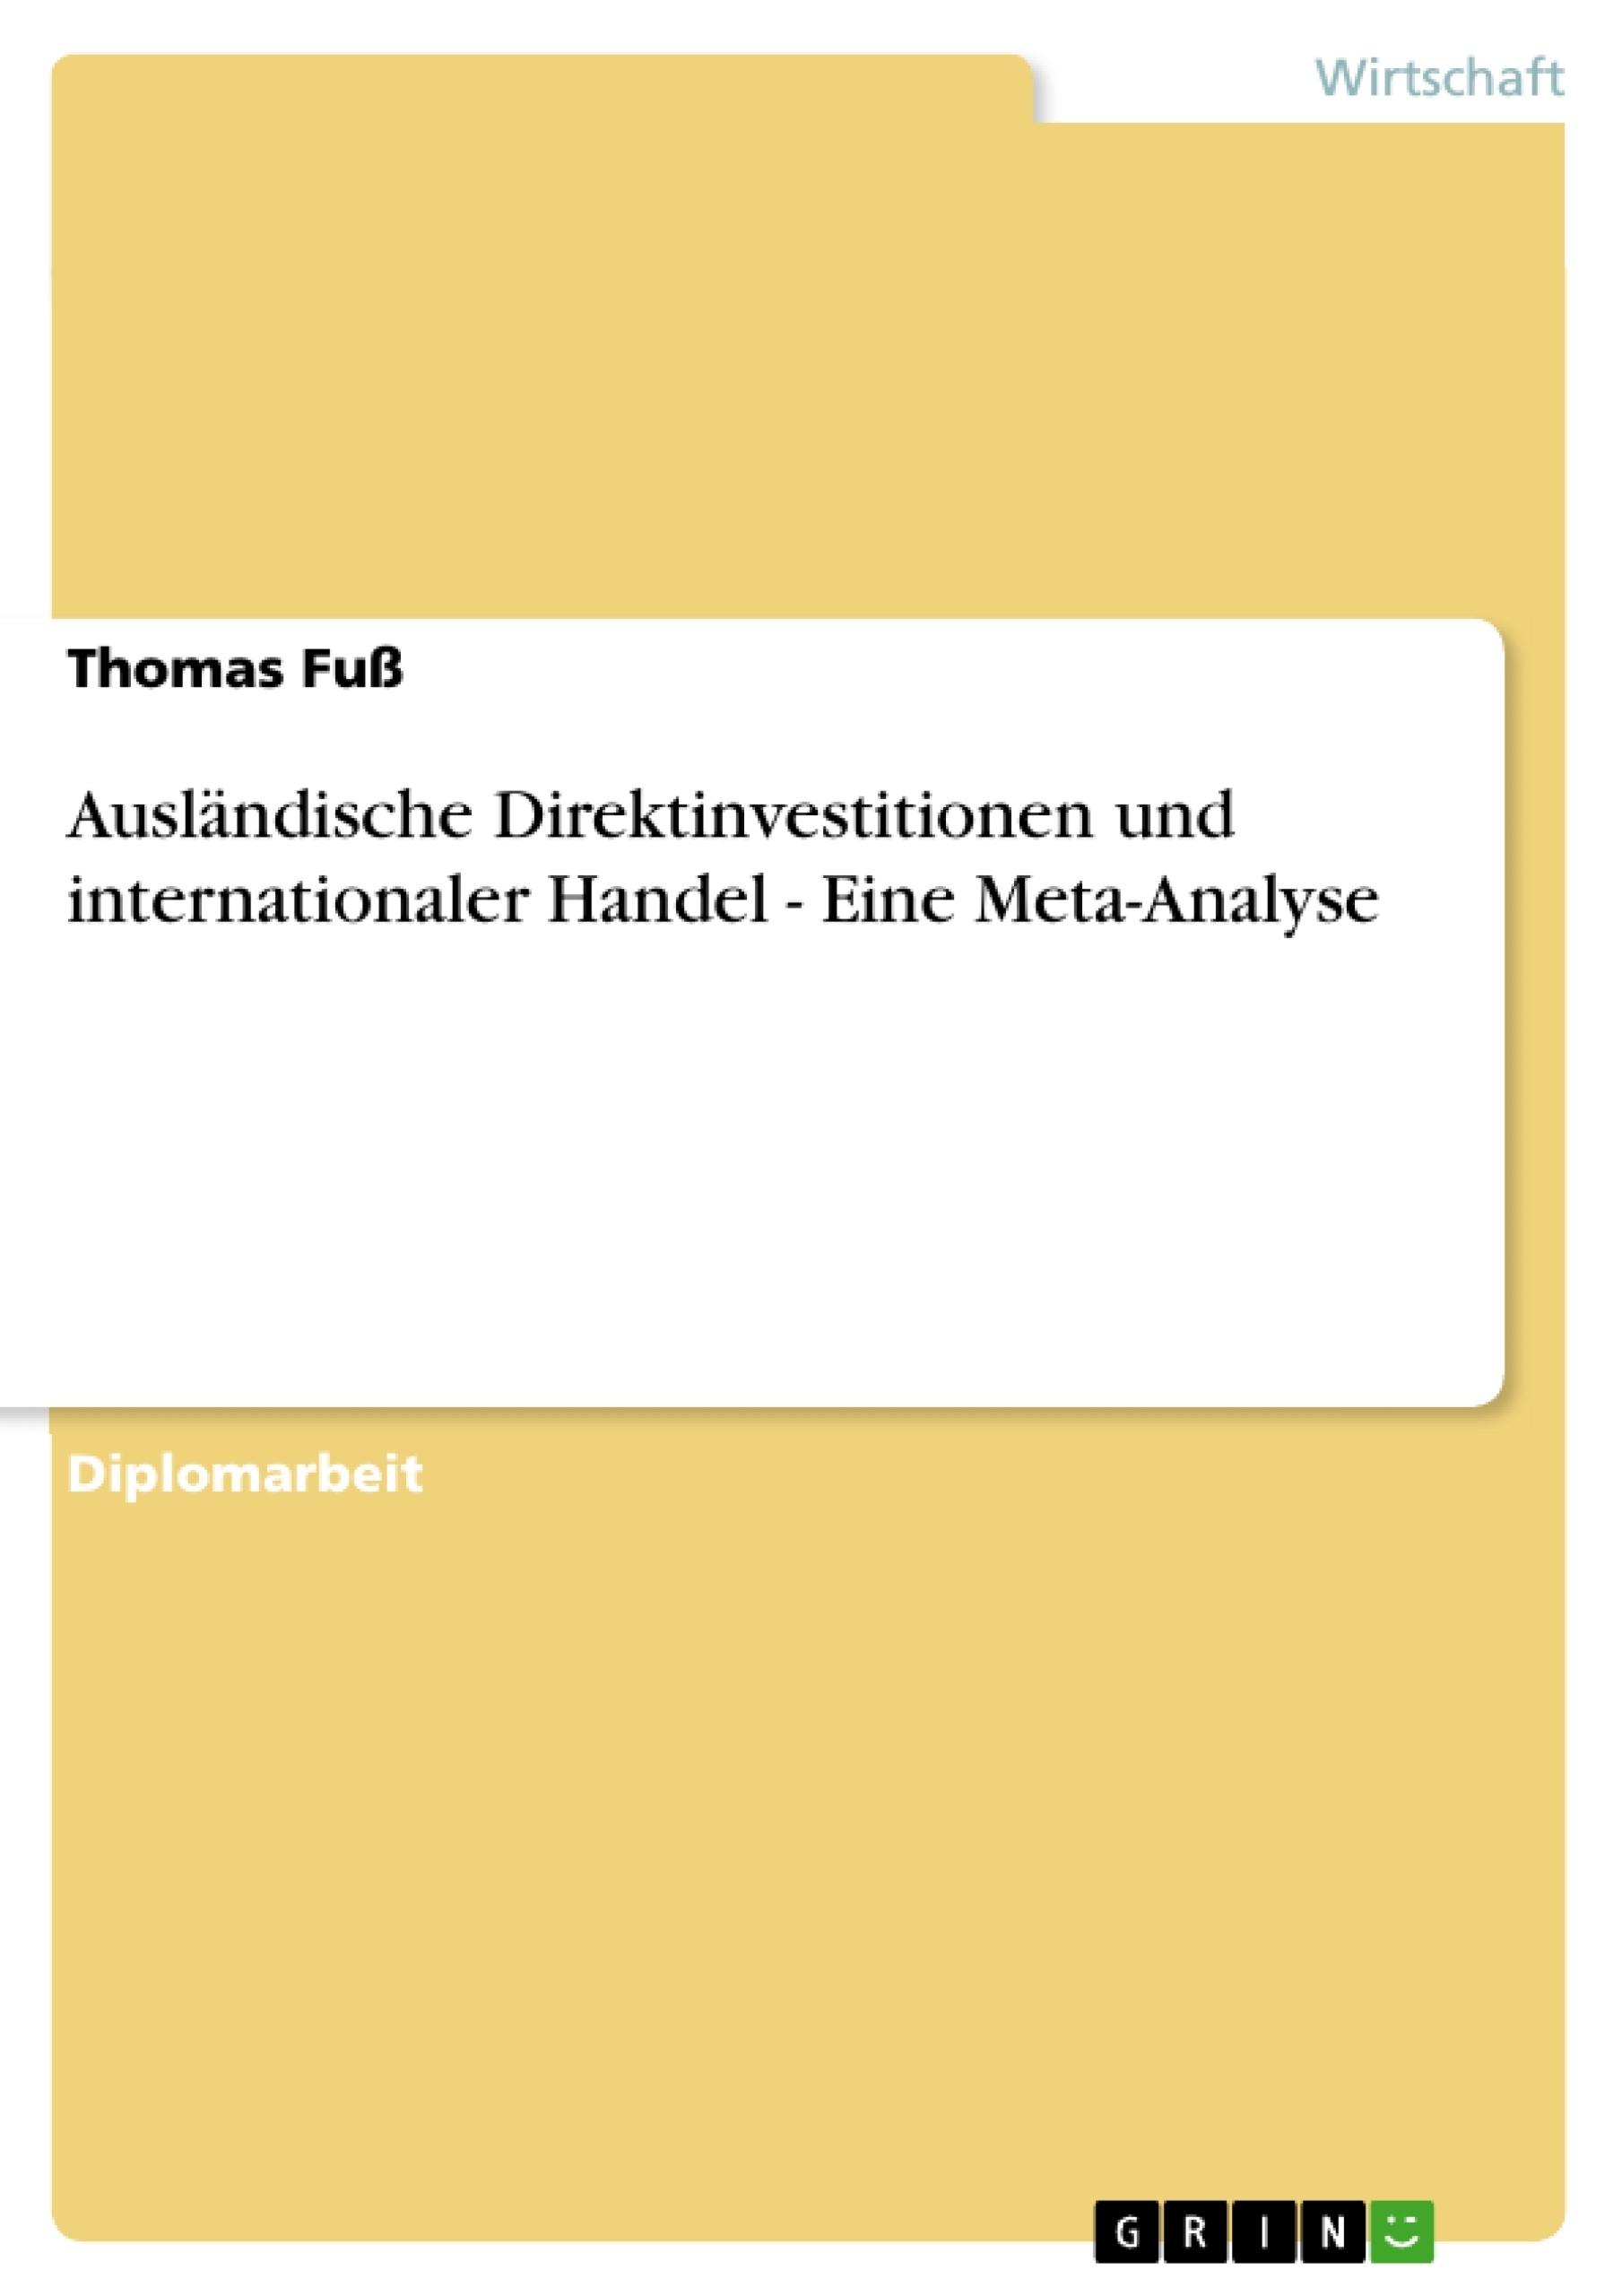 Titel: Ausländische Direktinvestitionen und internationaler Handel - Eine Meta-Analyse